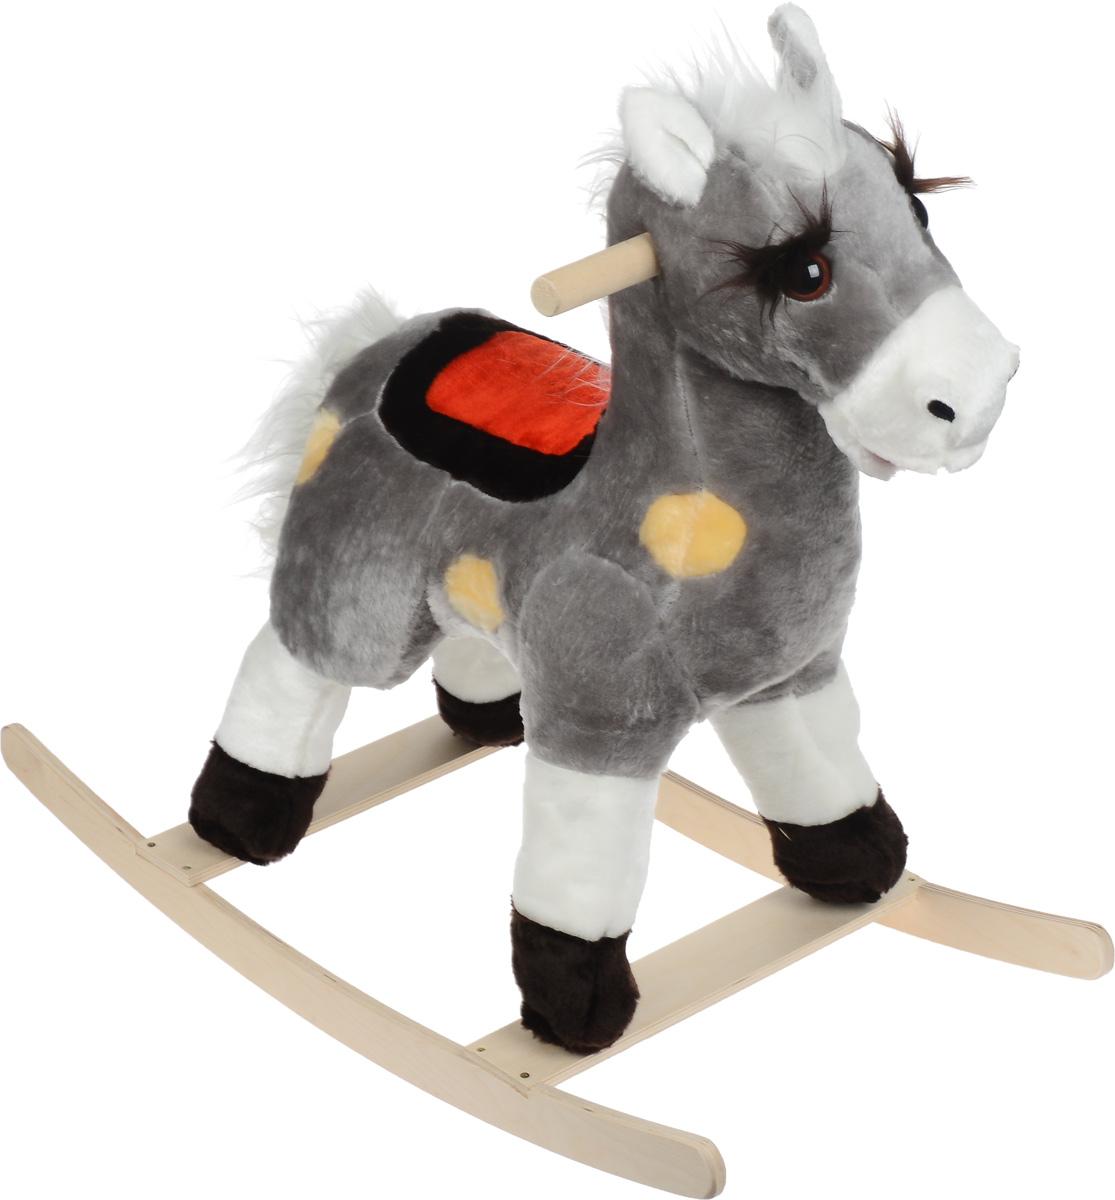 СмолТойс Игрушка-качалка Лошадь цвет серый